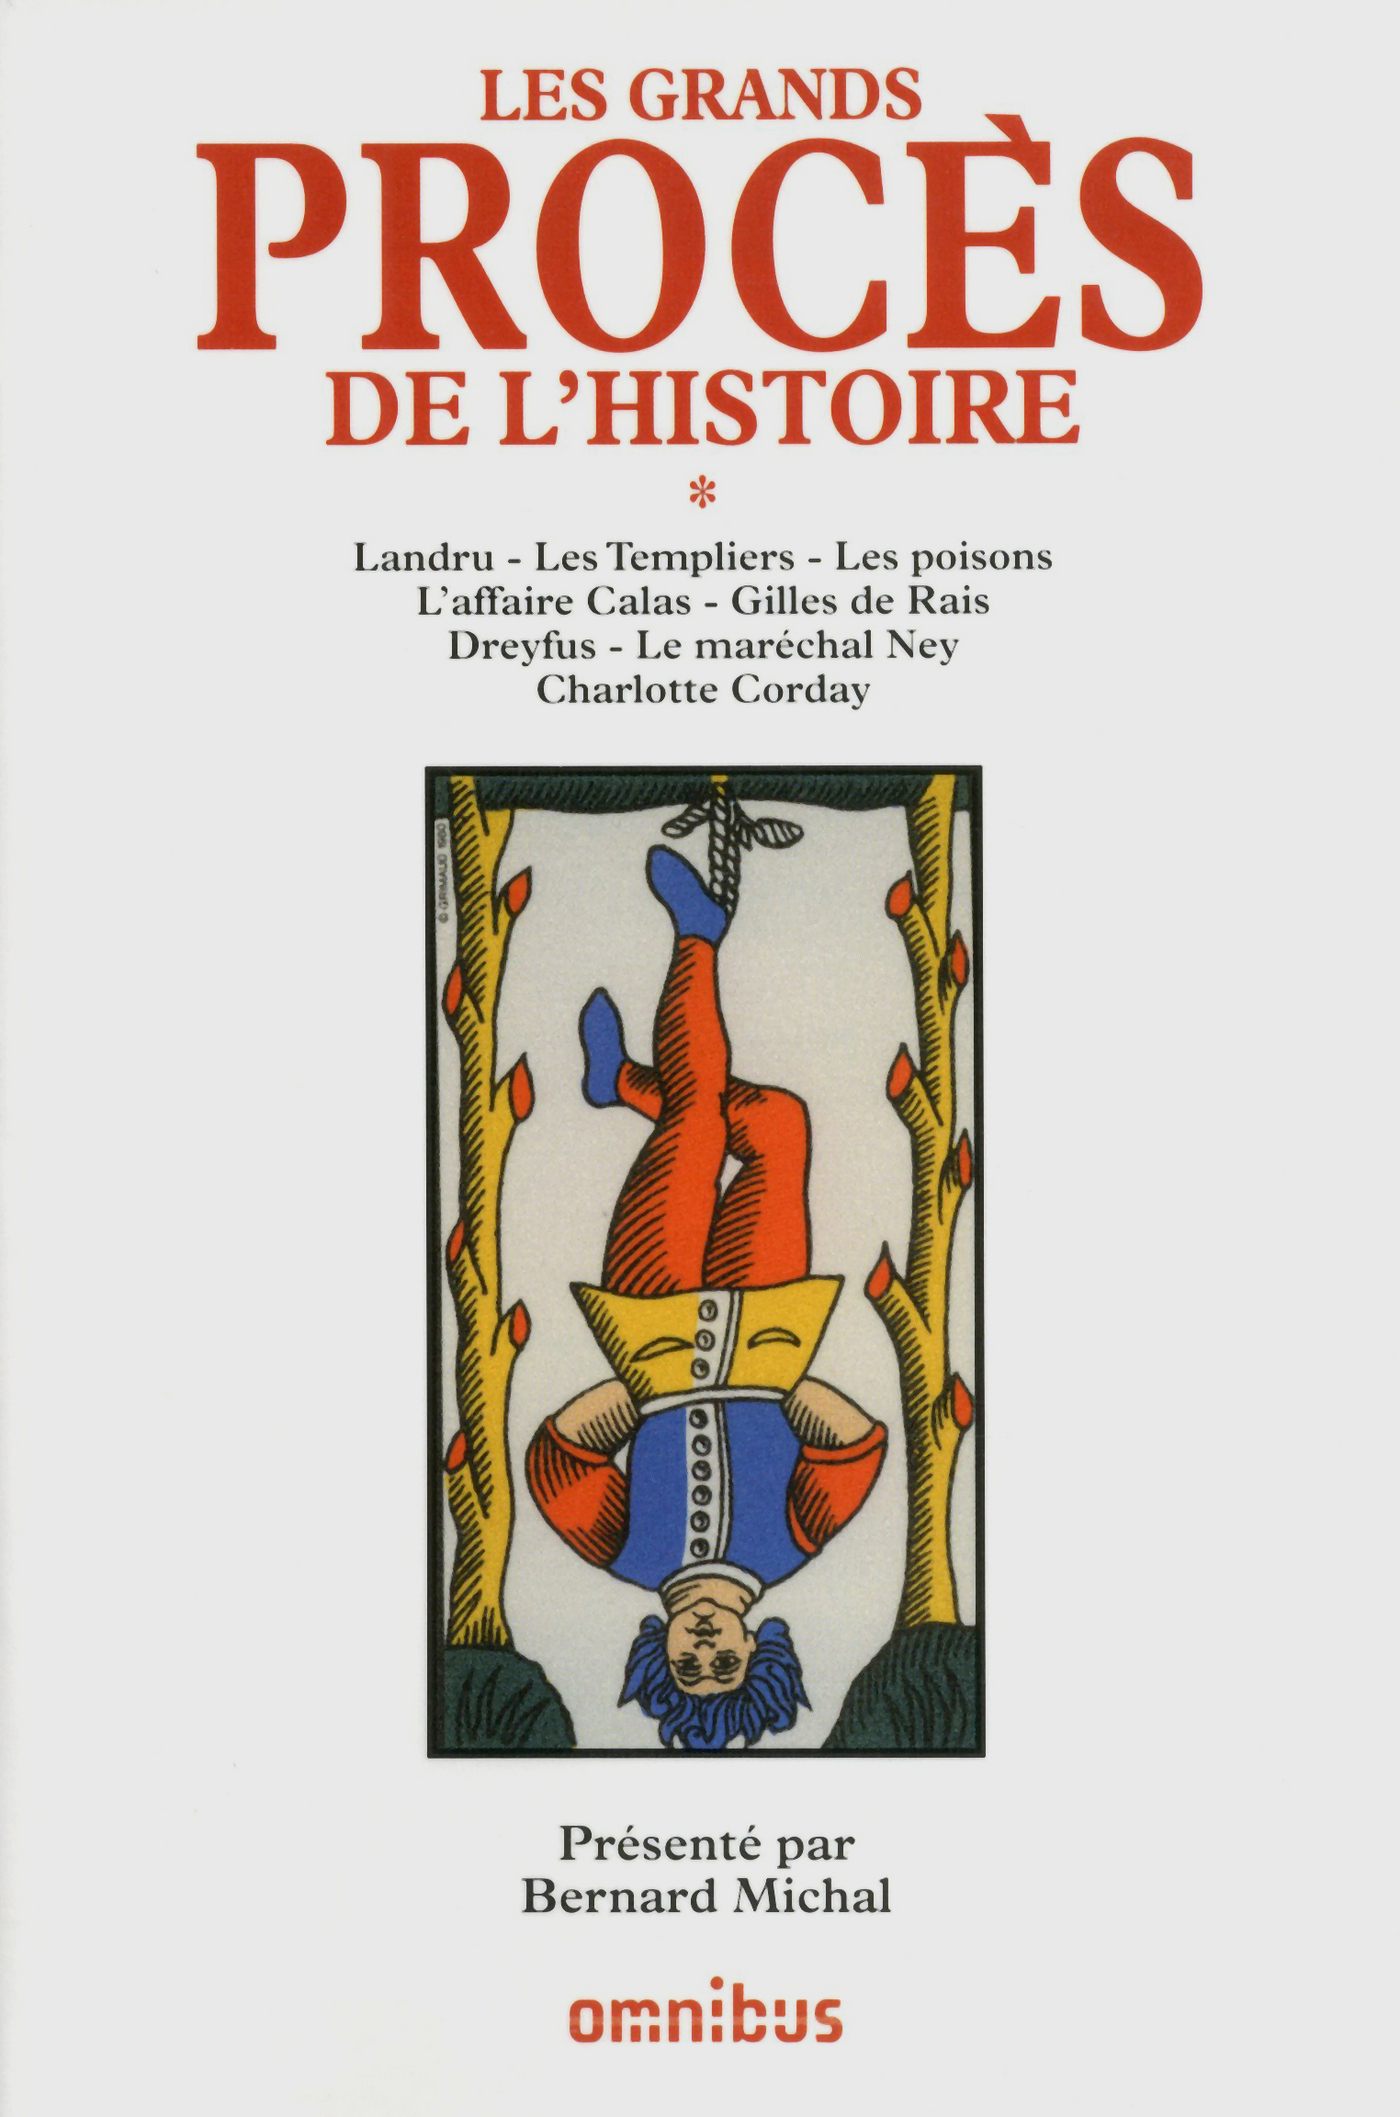 Les grands procès de l'Histoire, tome 1